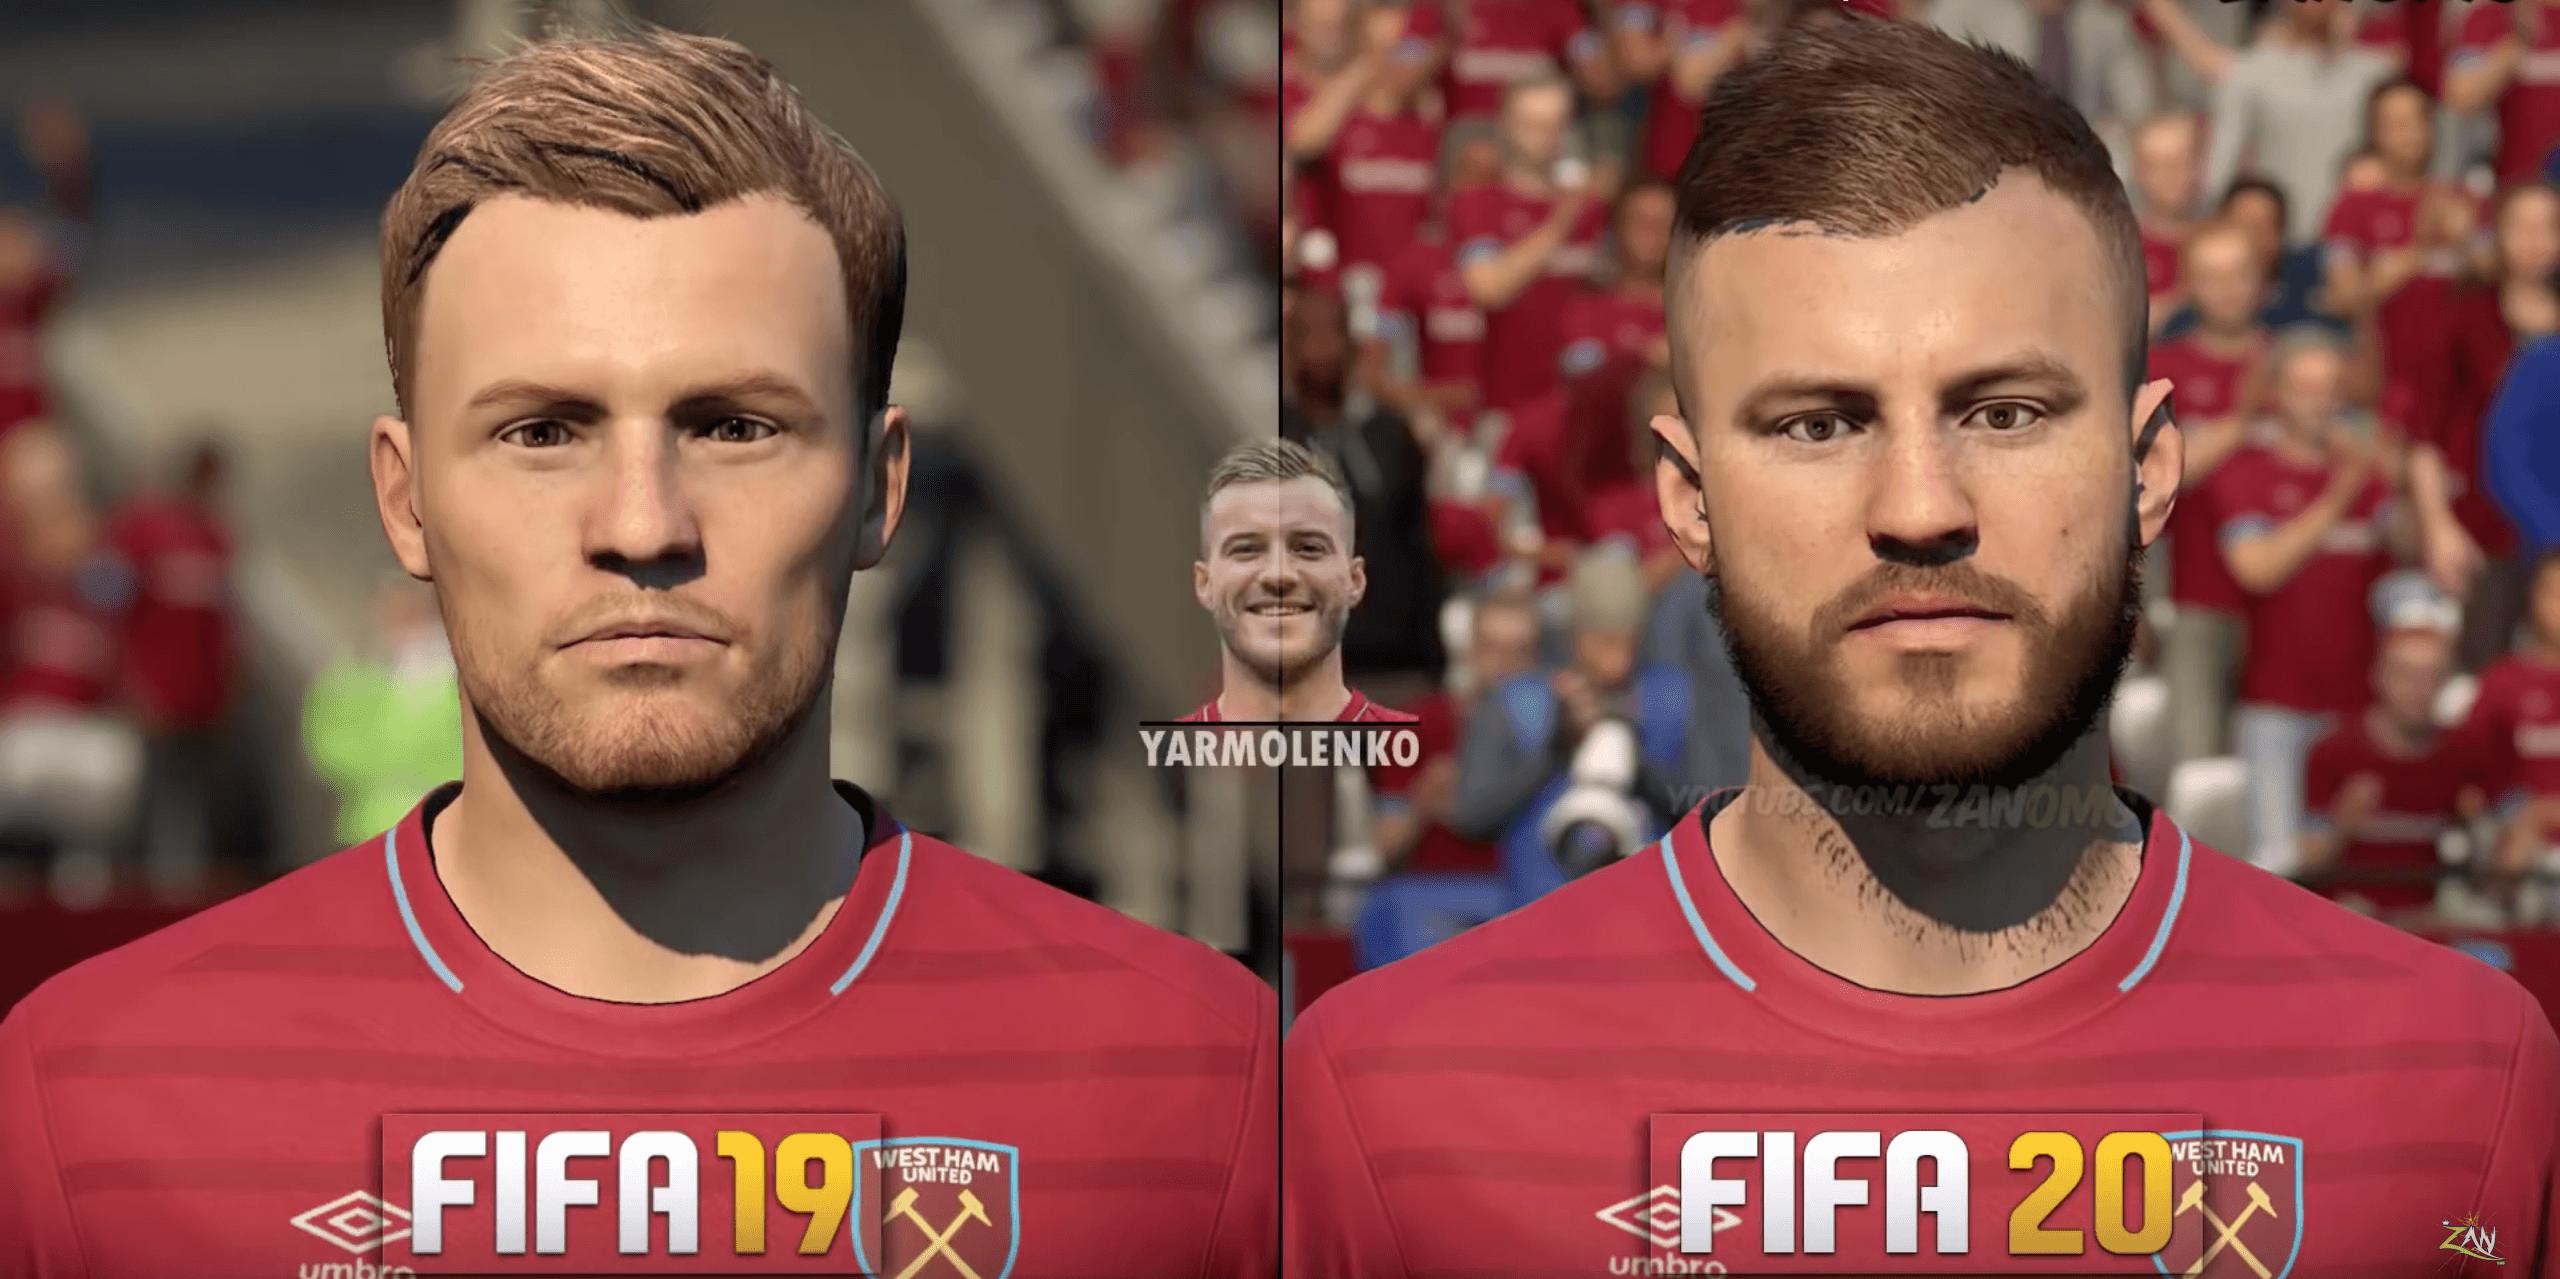 Евгений Коноплянка и Андрей Ярмоленко получат реальные лица в FIFA 20 (Фото) - изображение 3